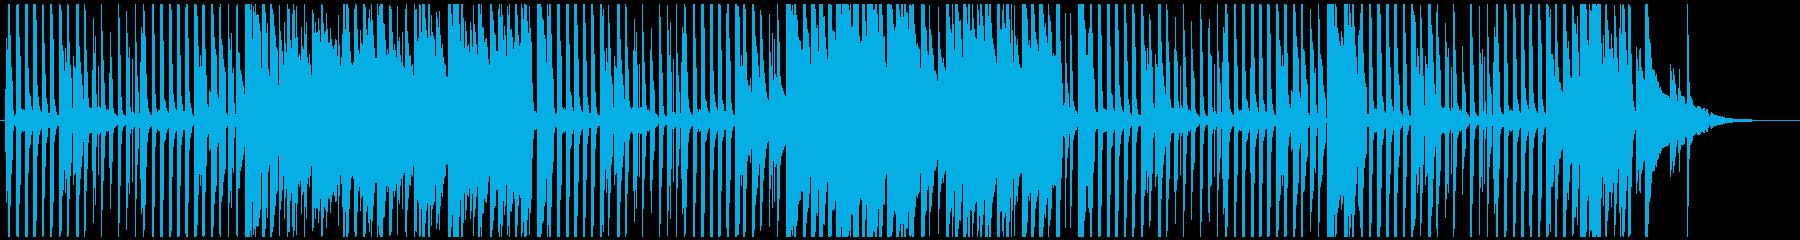 ほのぼのした雰囲気のピアノのポップスの再生済みの波形